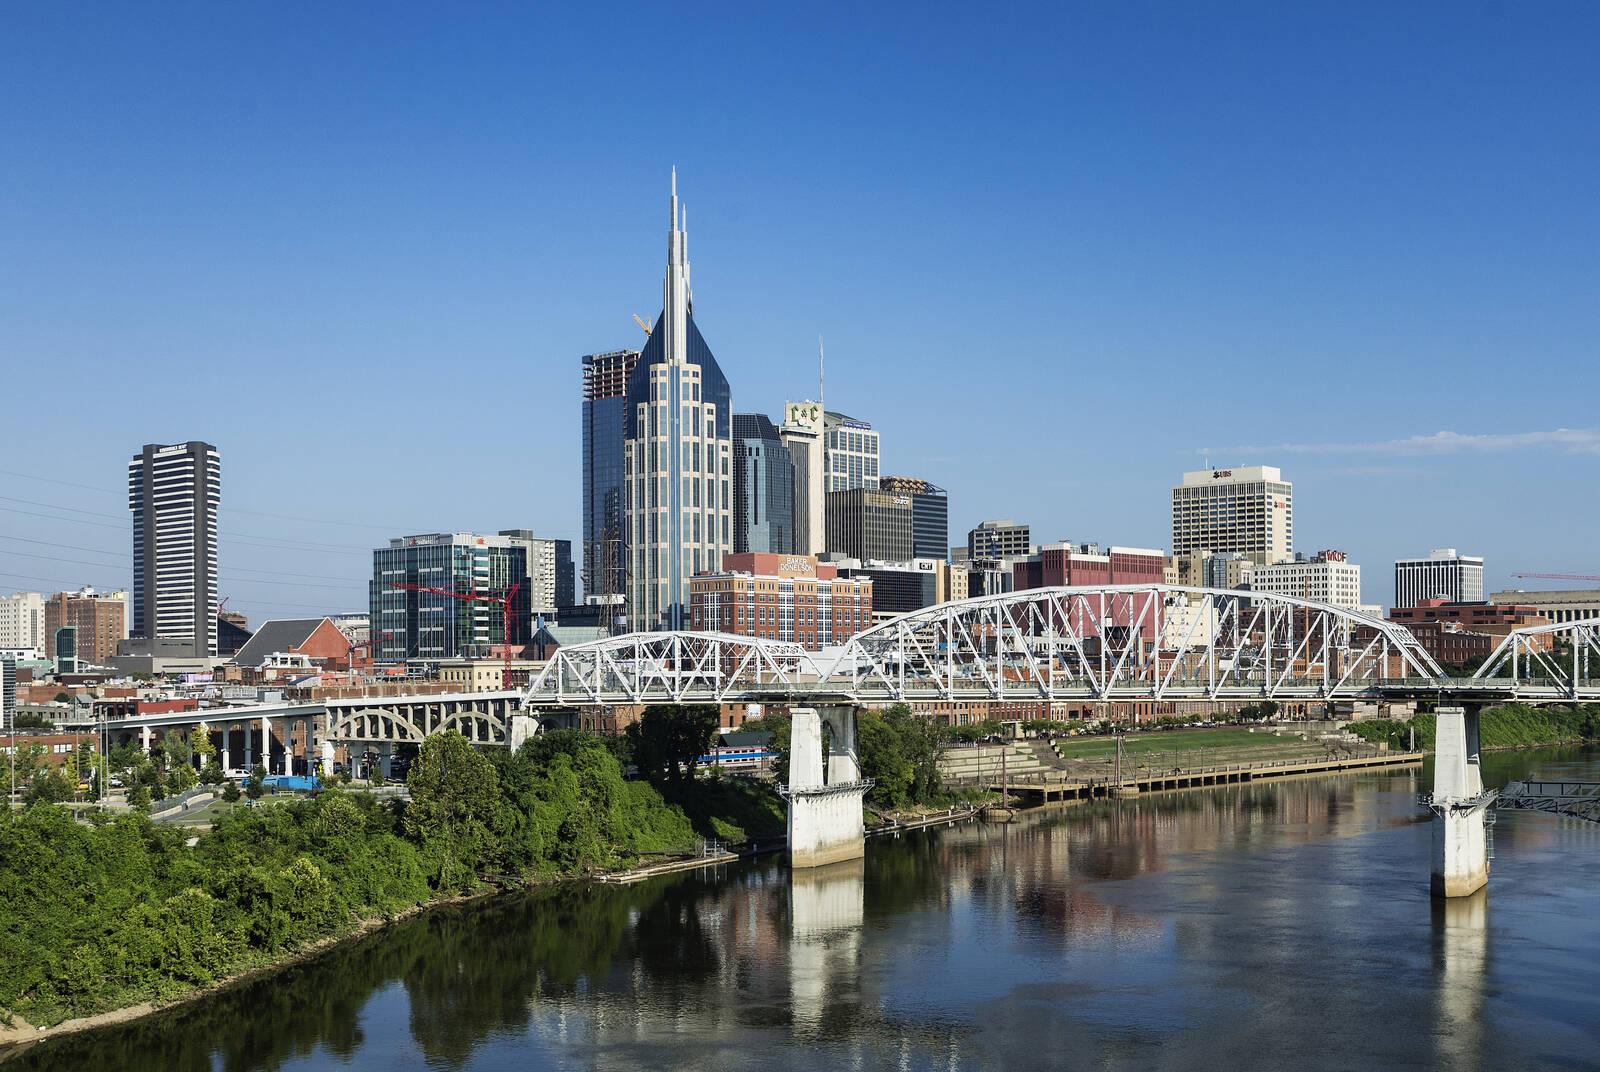 Nashville. Credit: John Greim/LightRocket via Getty Images